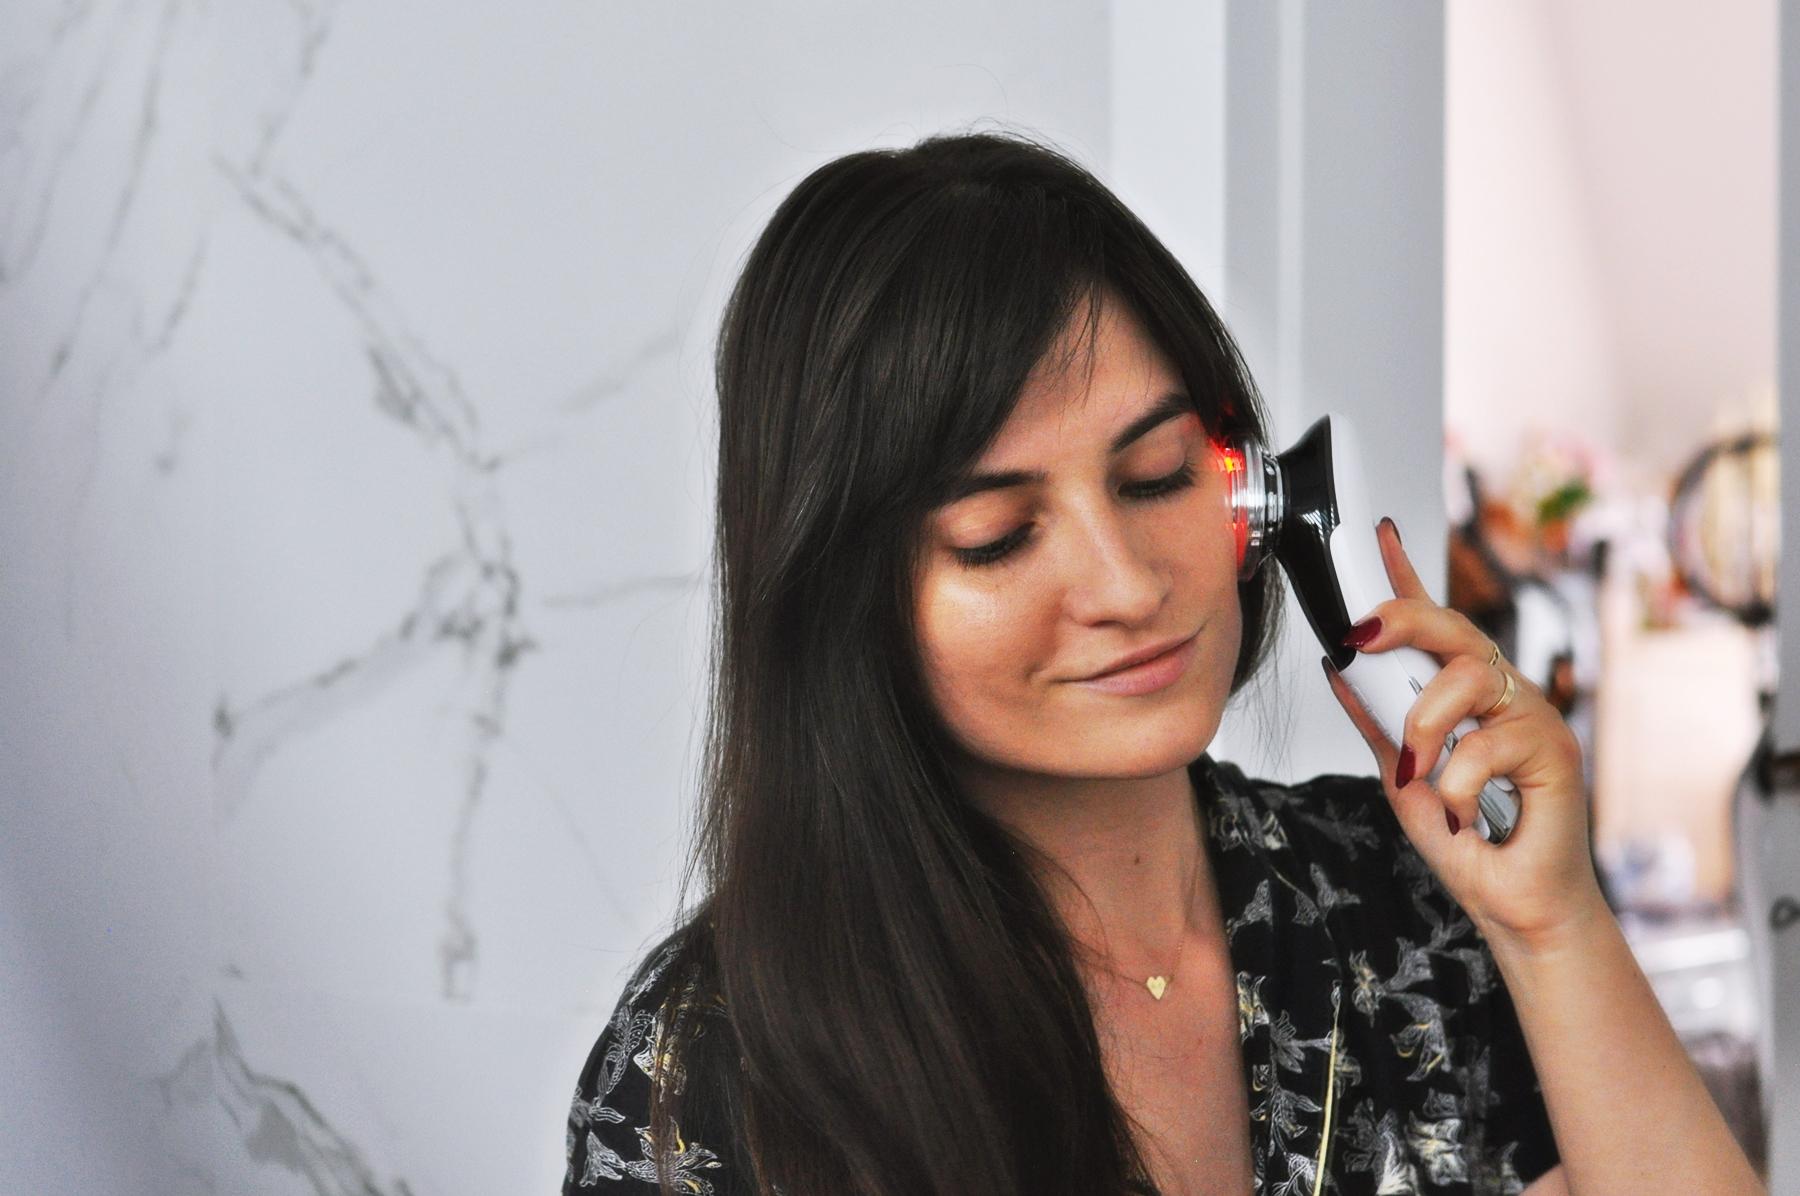 ultradźwiękowy masażer do twarzy anlan jak działa?